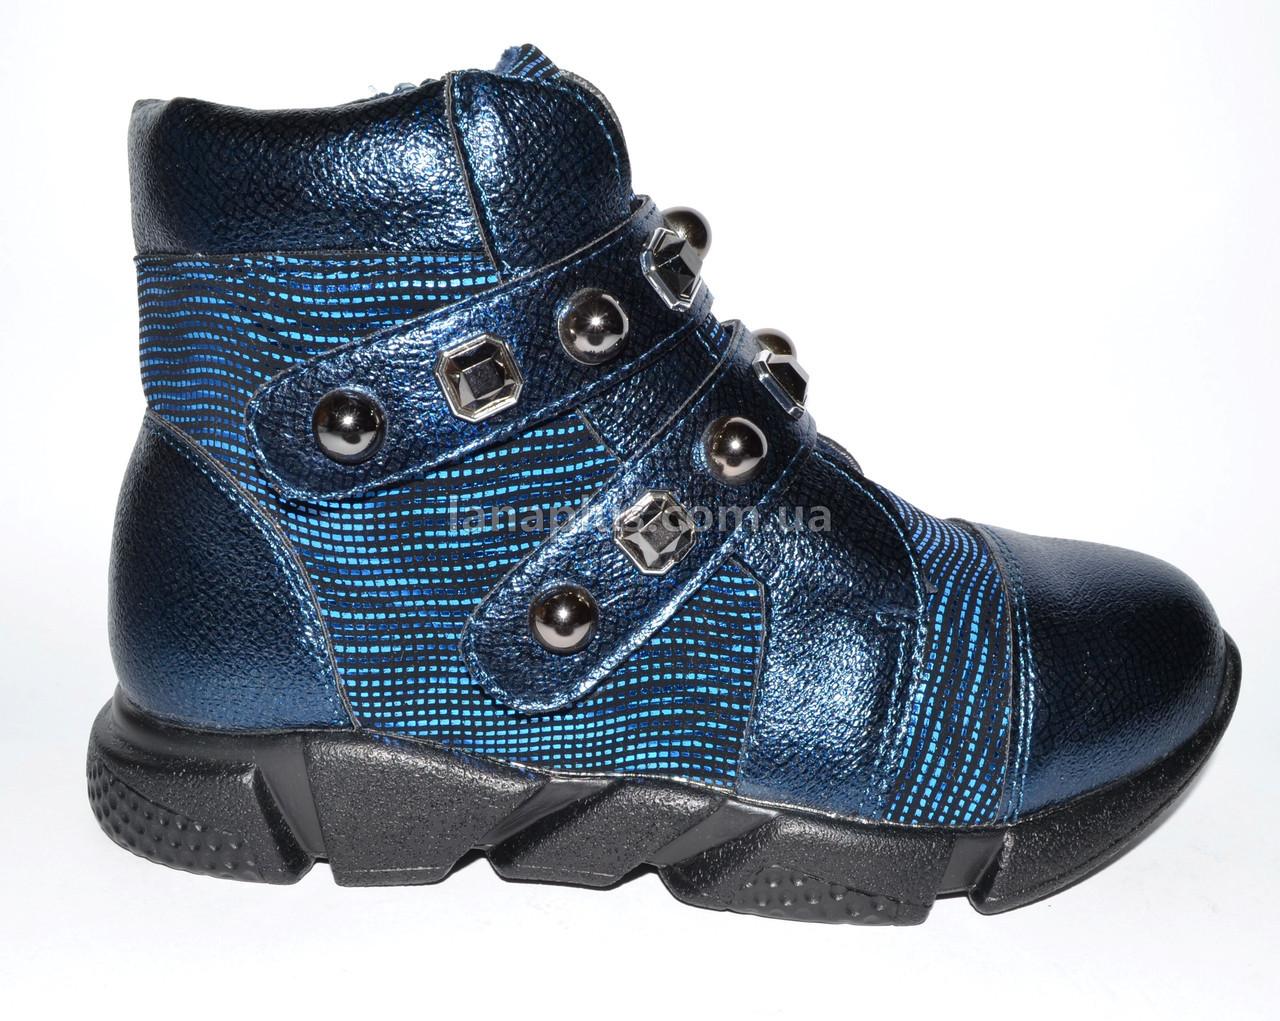 Демисезонные ботинки для девочки, 36 размер (22.2 см), на флисе